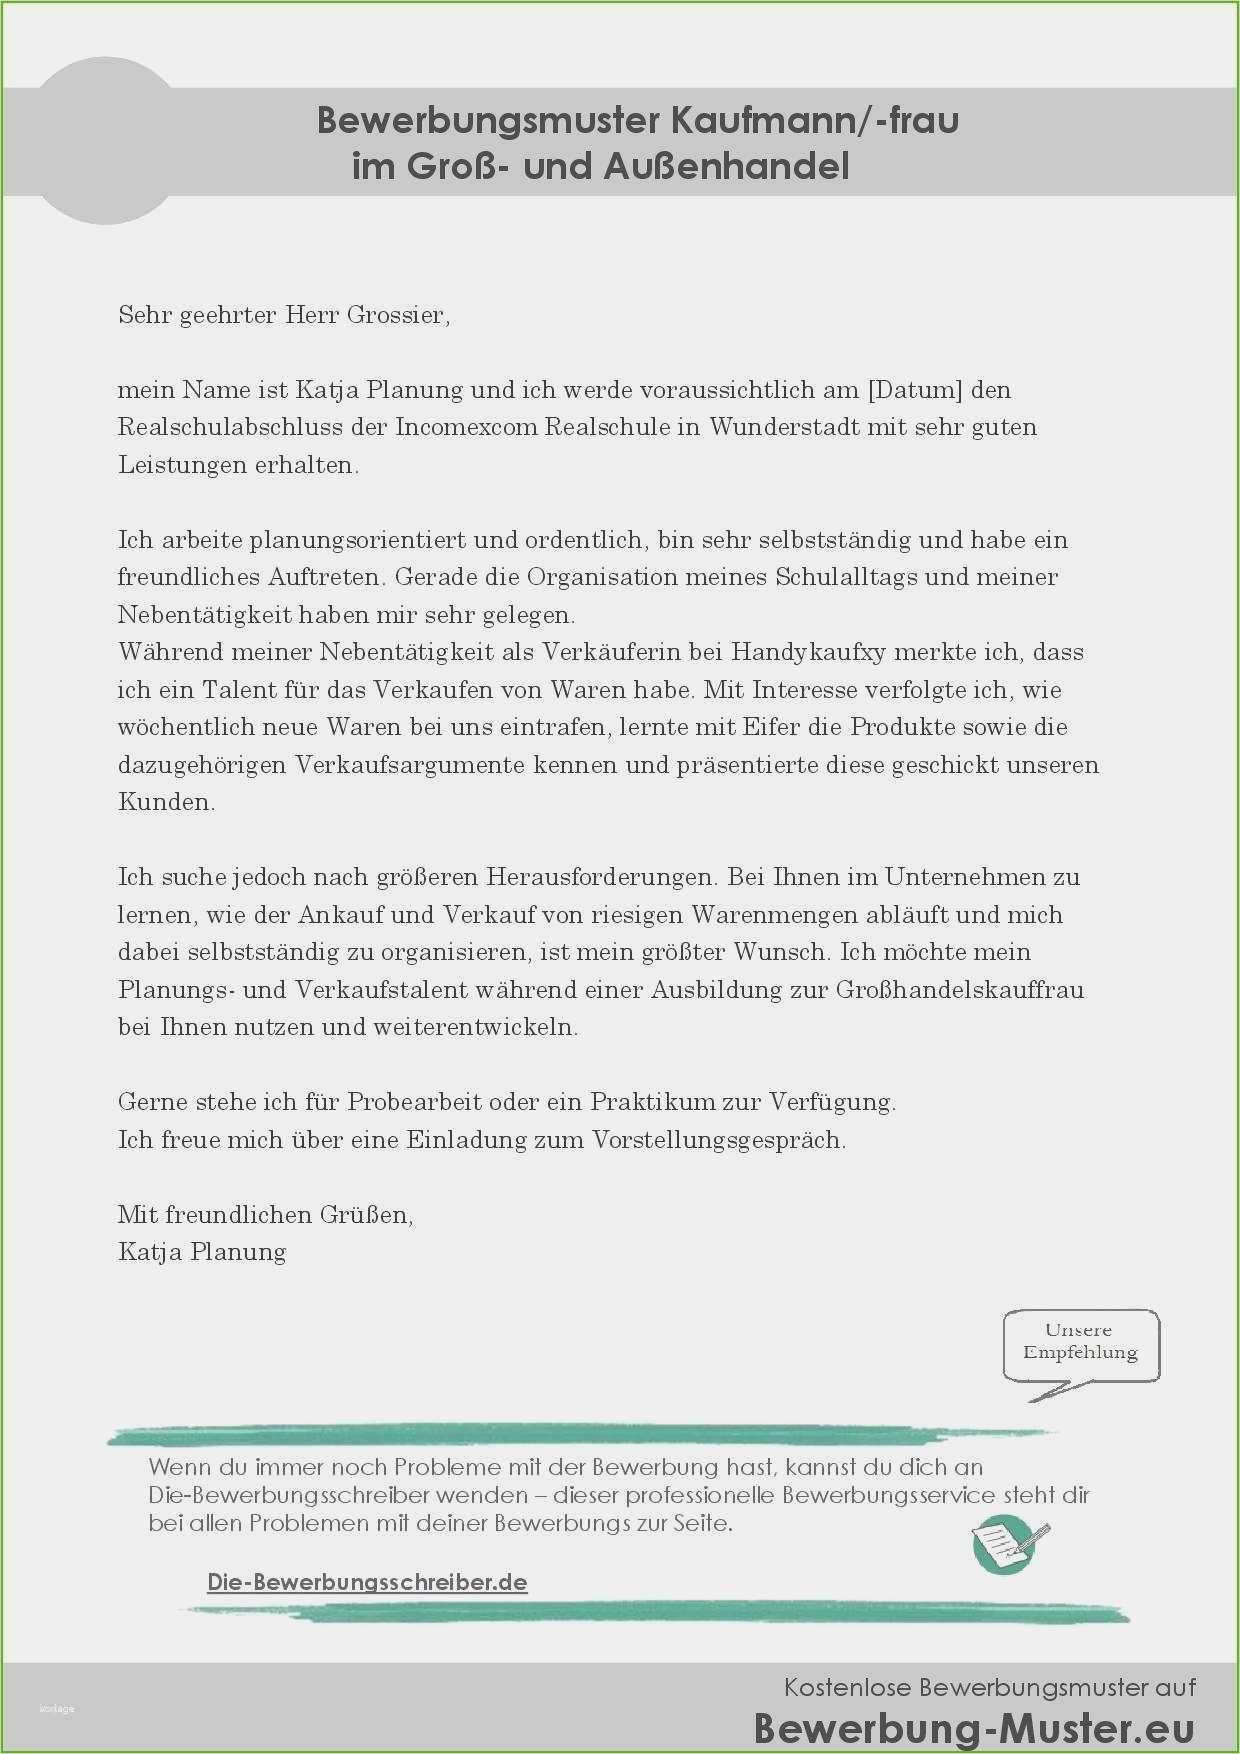 Genial Bewerbung Einzelhandelskauffrau Ausbildung Vorlage Galerie In 2020 Bewerbung Muster Lebenslauf Vorlagen Word Bewerbung